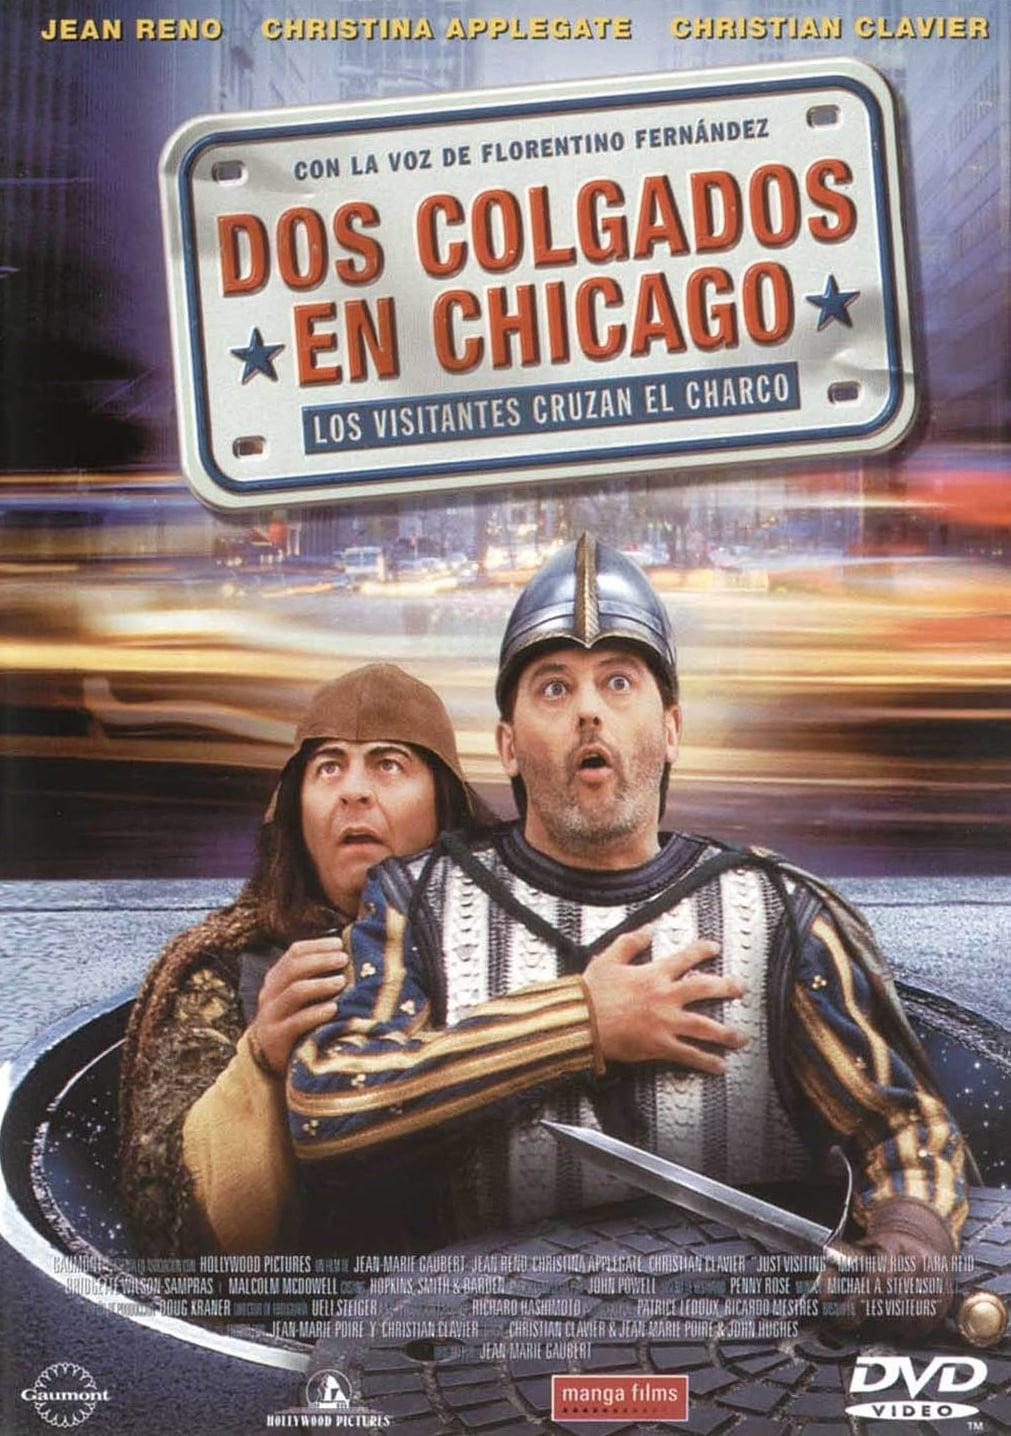 Dos colgados en Chicago (Los Visitantes cruzan el charco) en Megadede